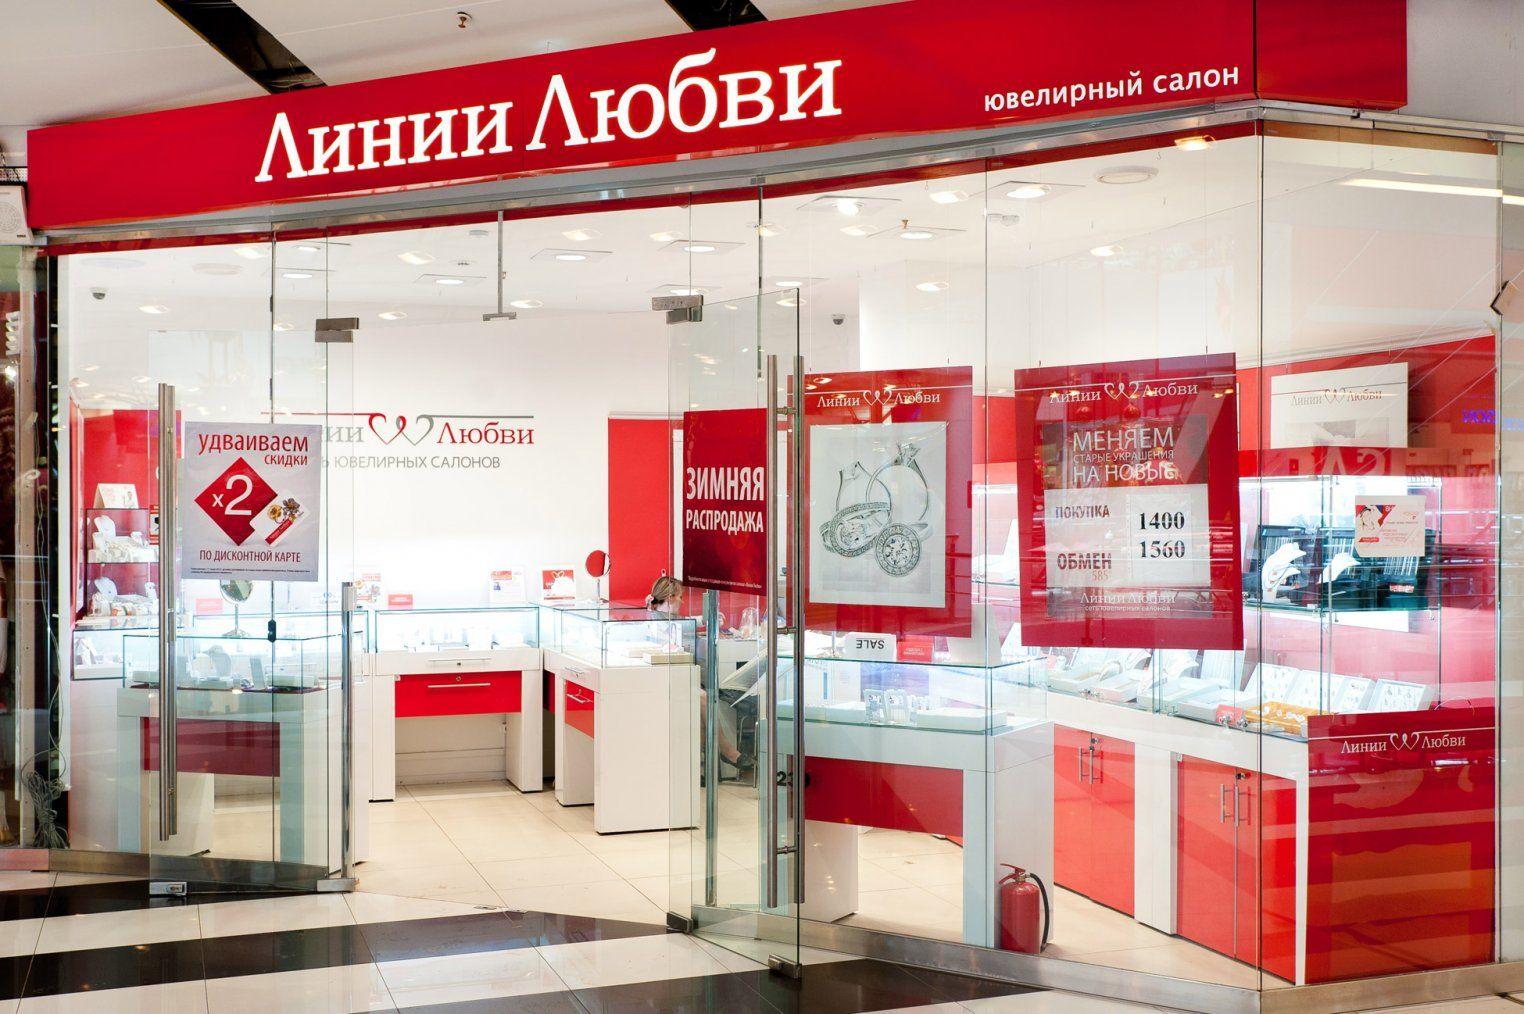 Линии Любви в ТРК Петровский